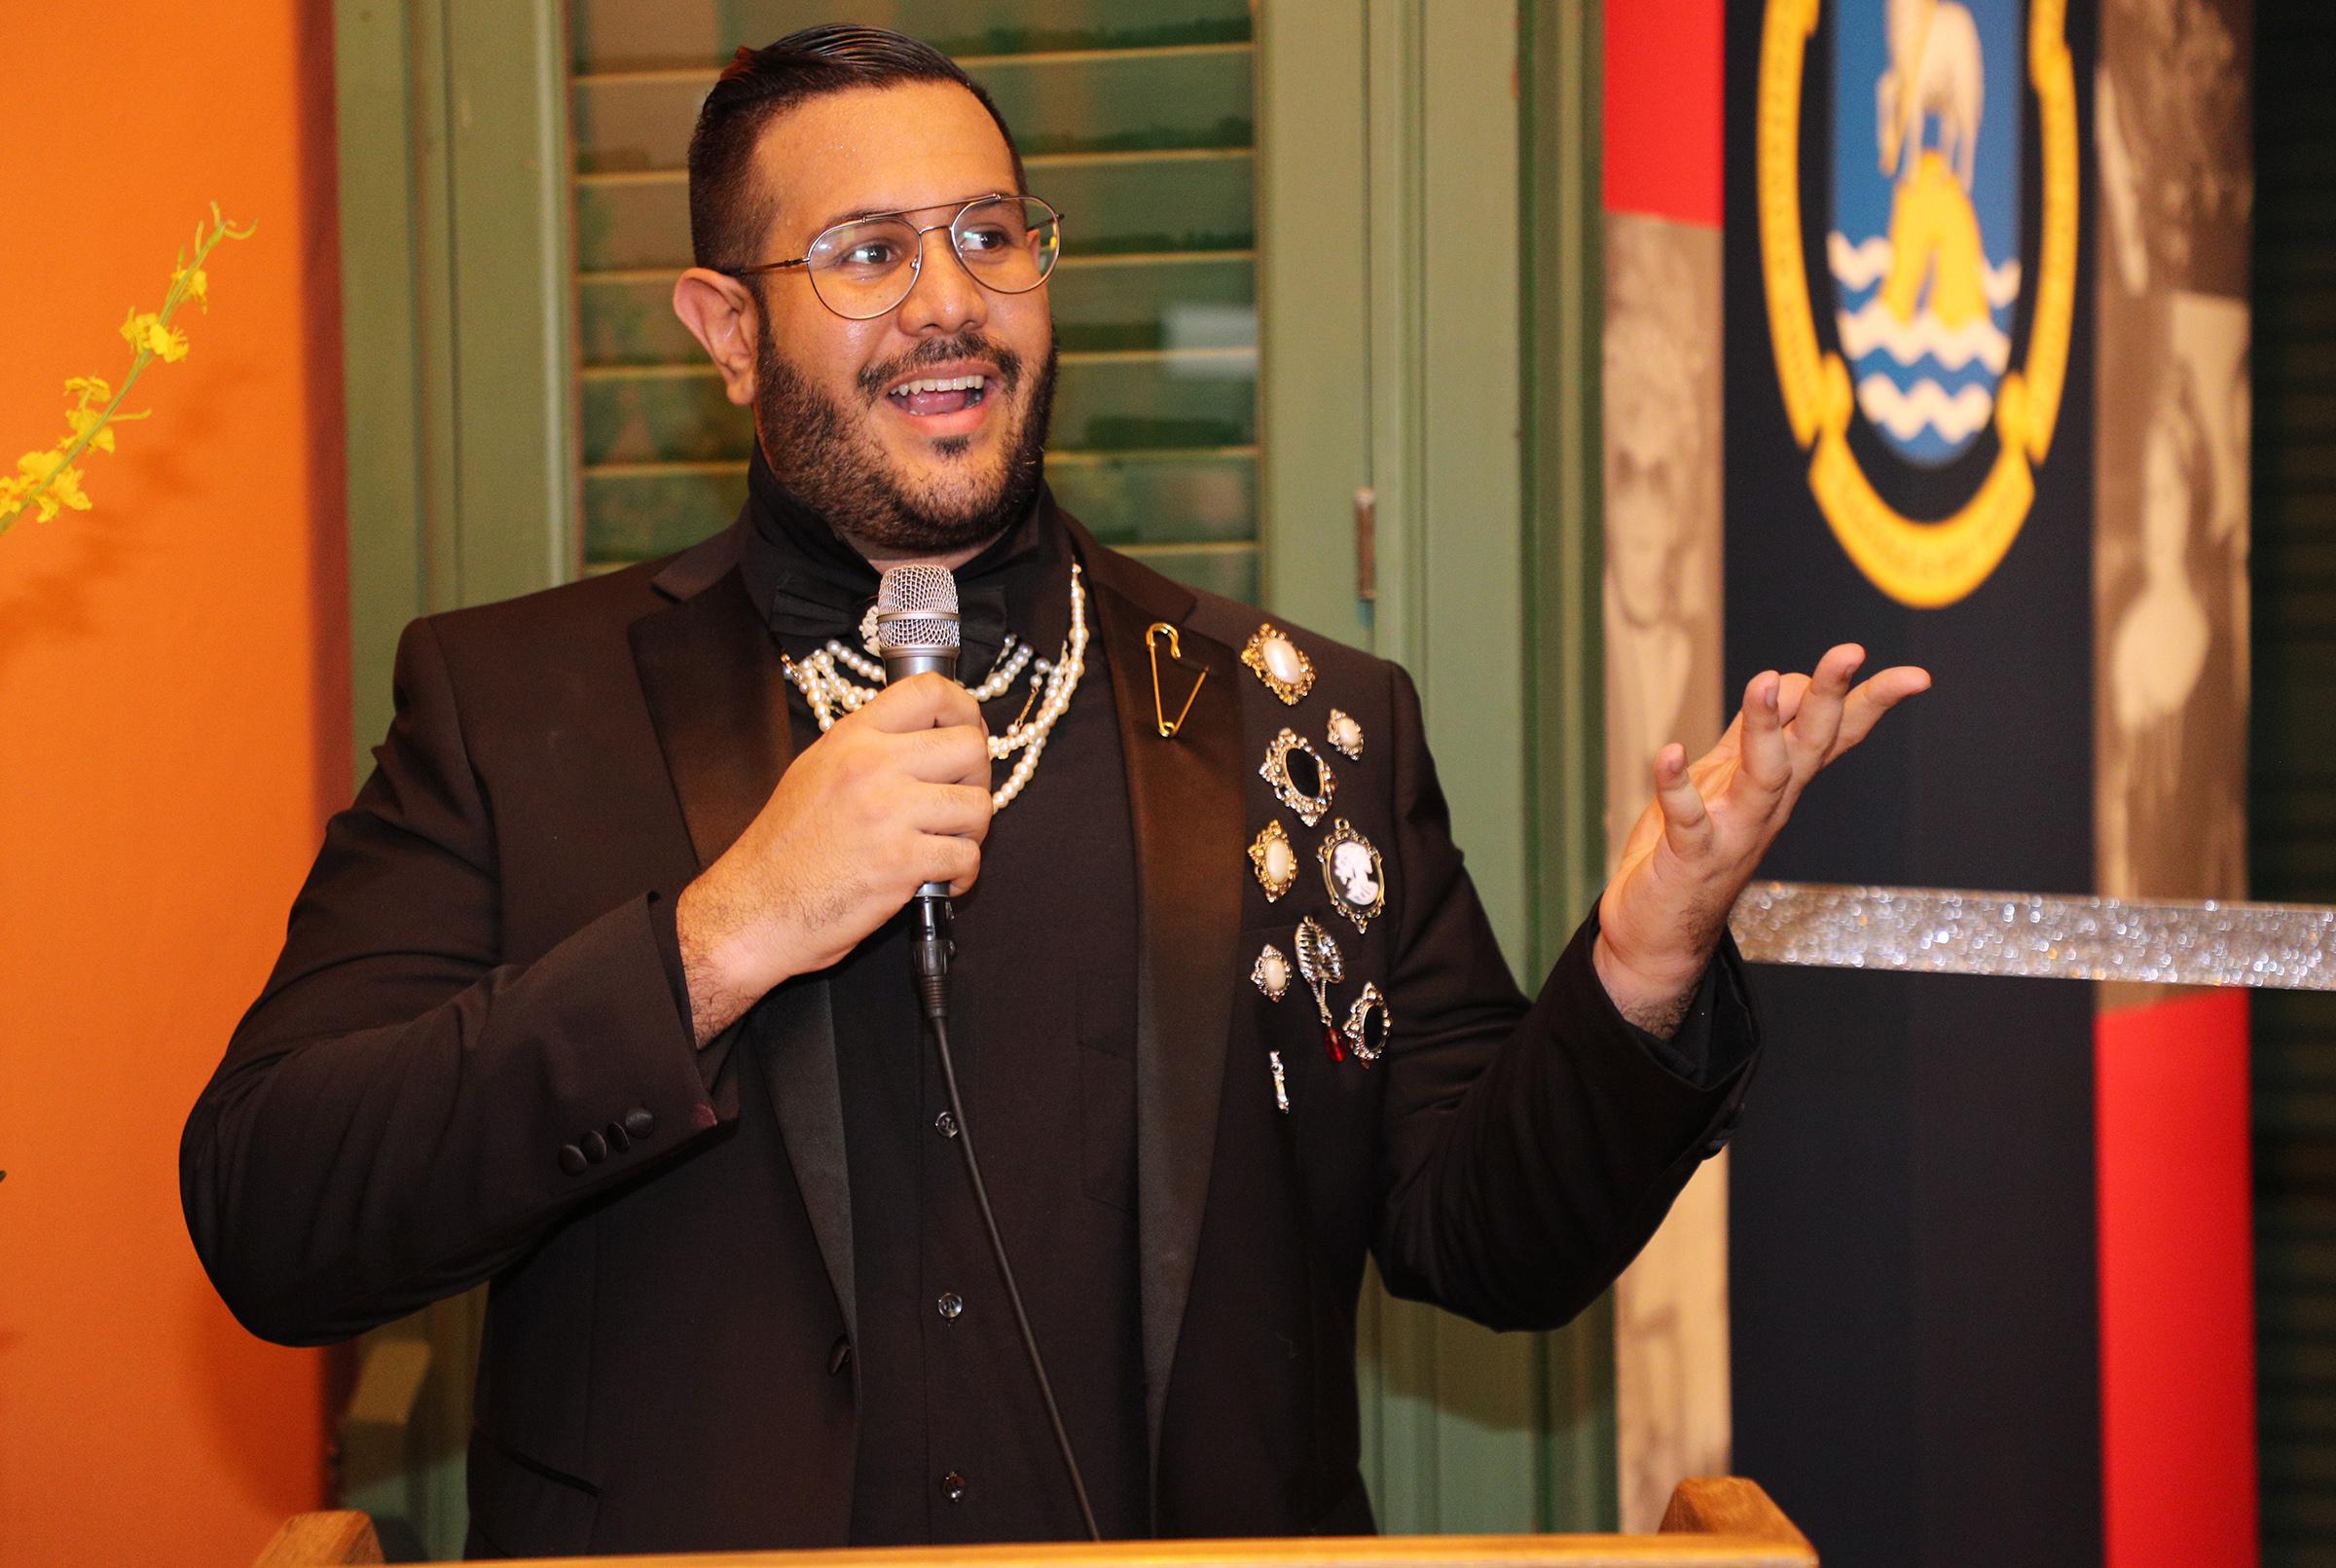 El historiador Joseph Da'Ponte es el curador y presidente del Puerto Rican Fashion History Council. (Foto: Juan Luis Martínez)